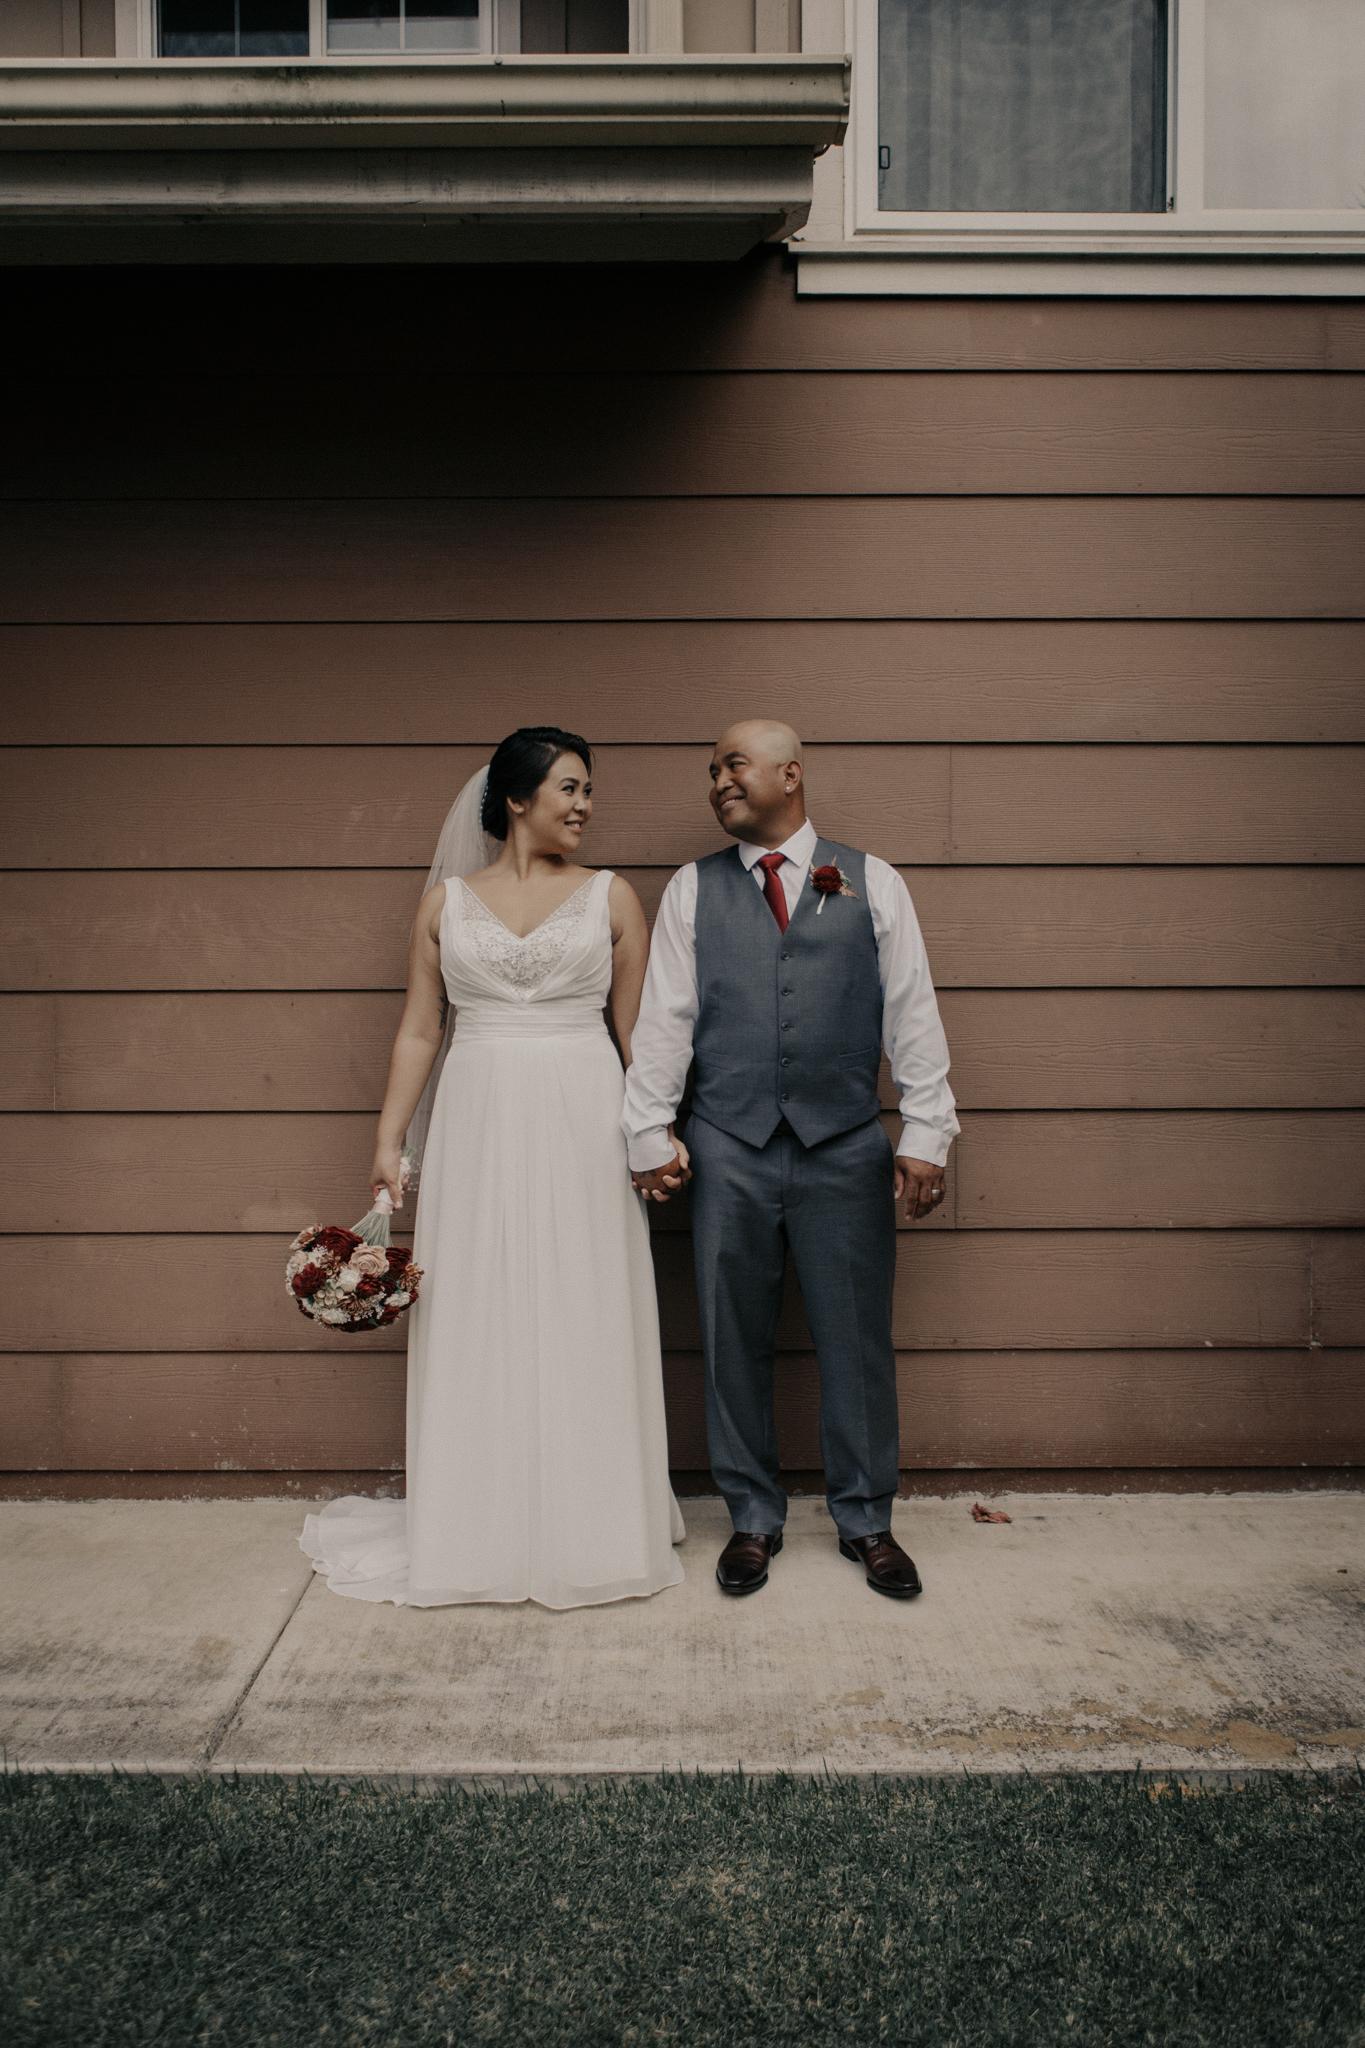 Backyard wedding in Oahu